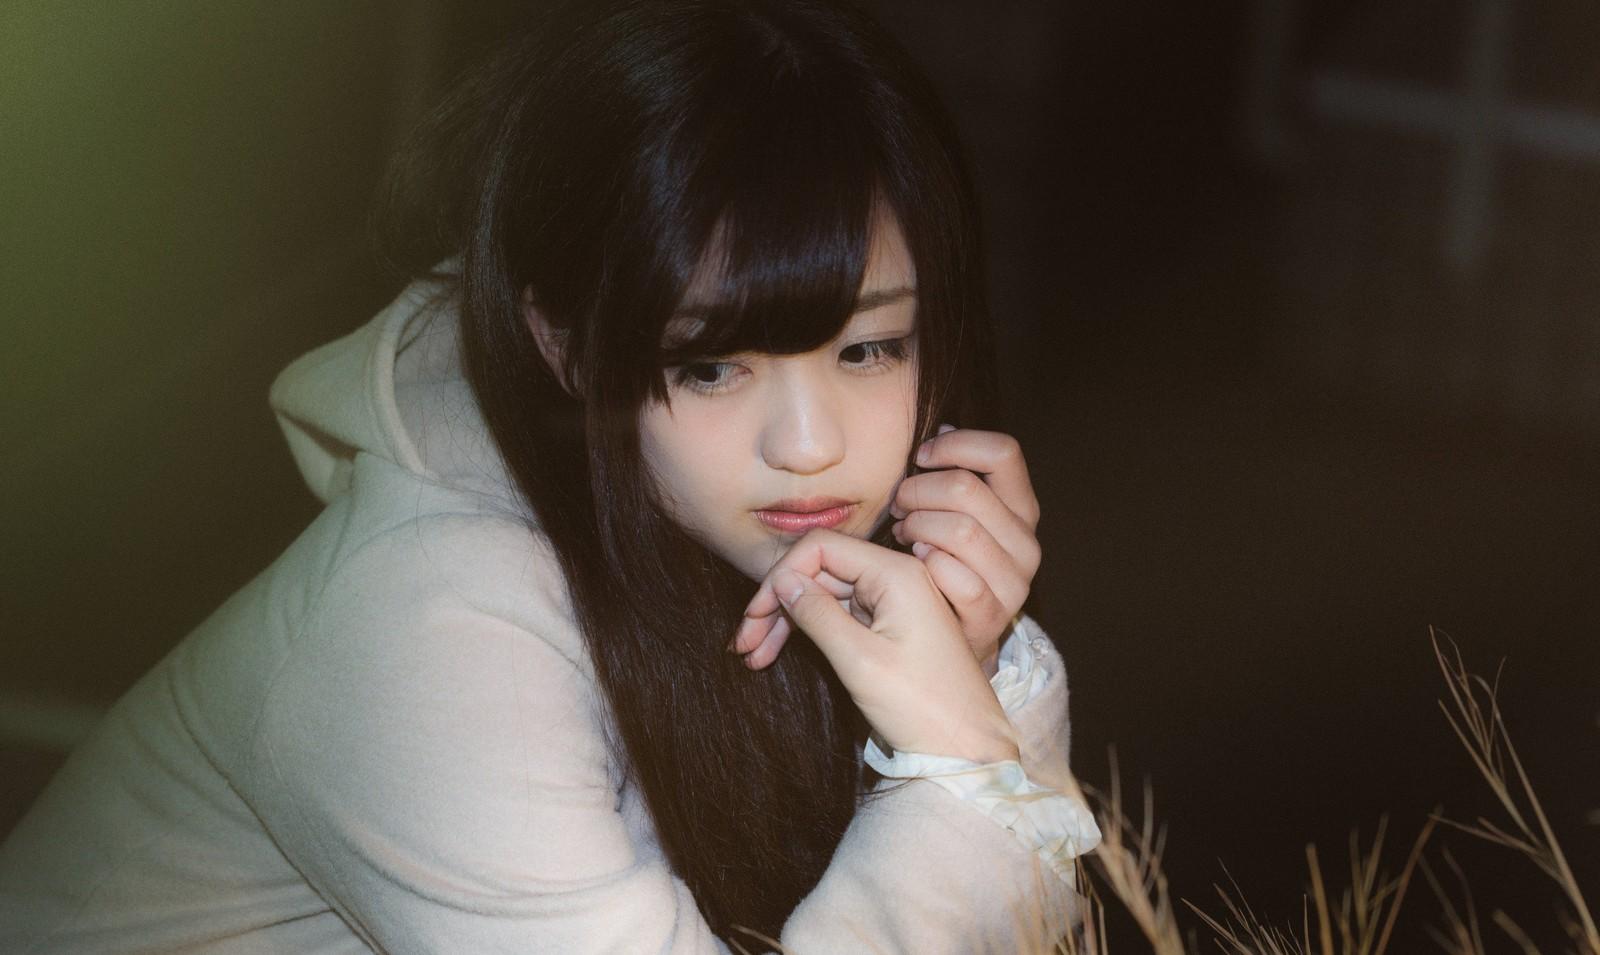 婚活中の女性が交際に入ってから長続きしない理由|東京恵比寿の結婚相談所 喜園